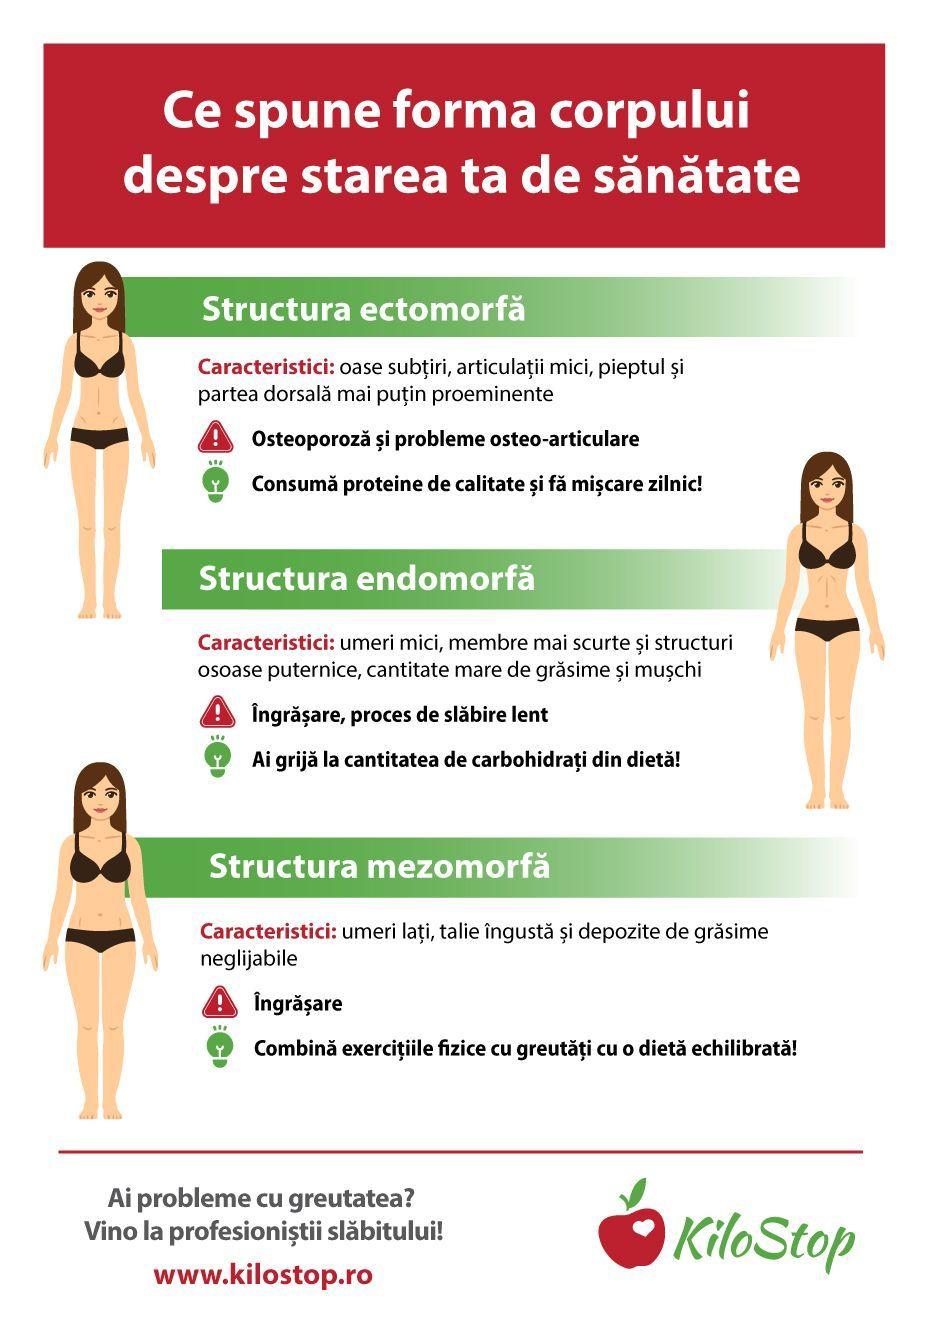 Indice glicemic legat de pierderea în greutate - Comentarii recente